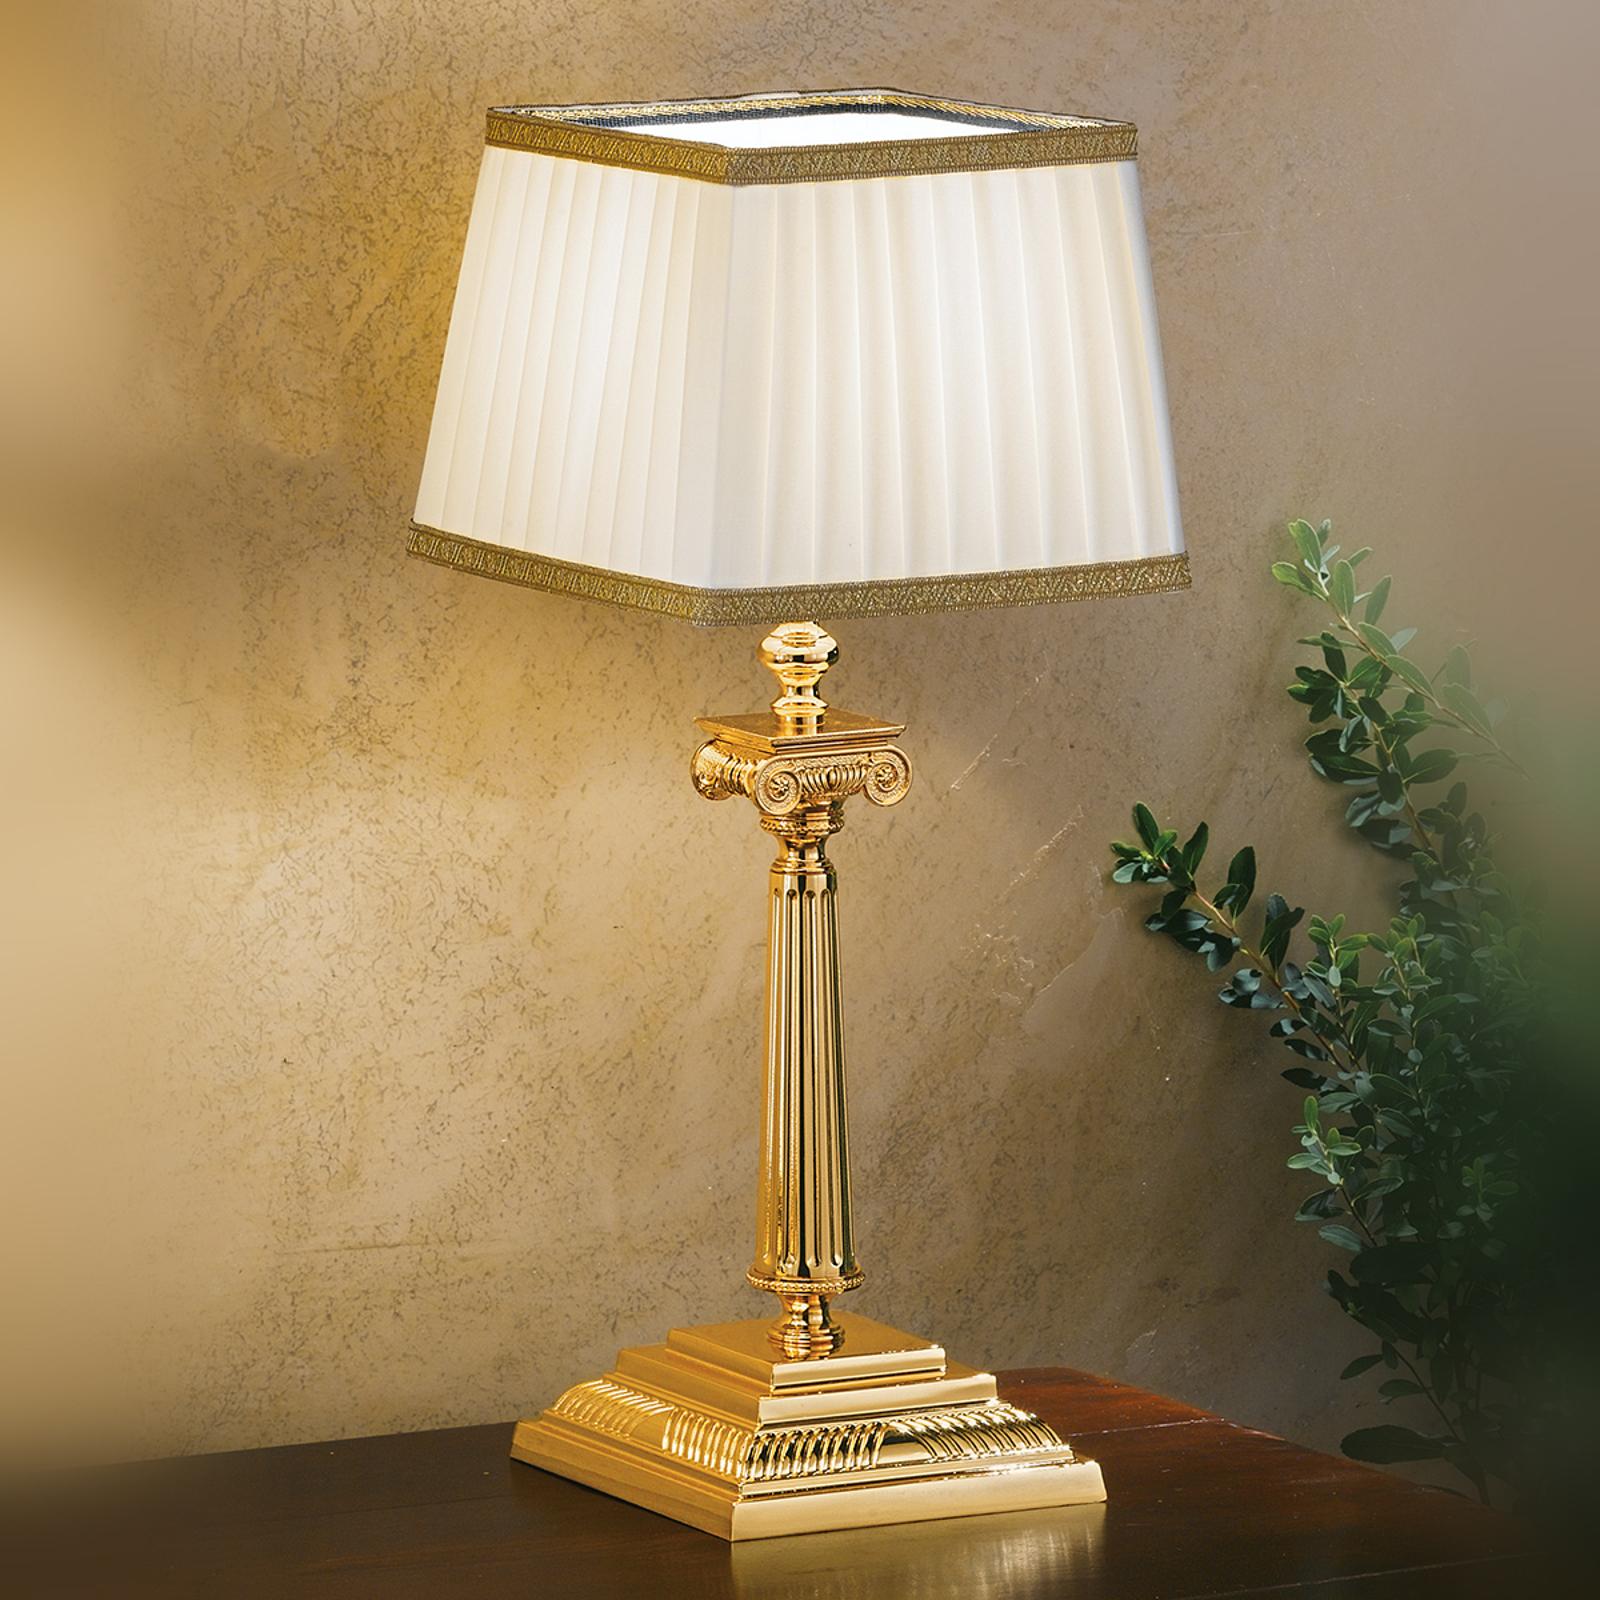 Sarafine - klassiek-mooie tafellamp